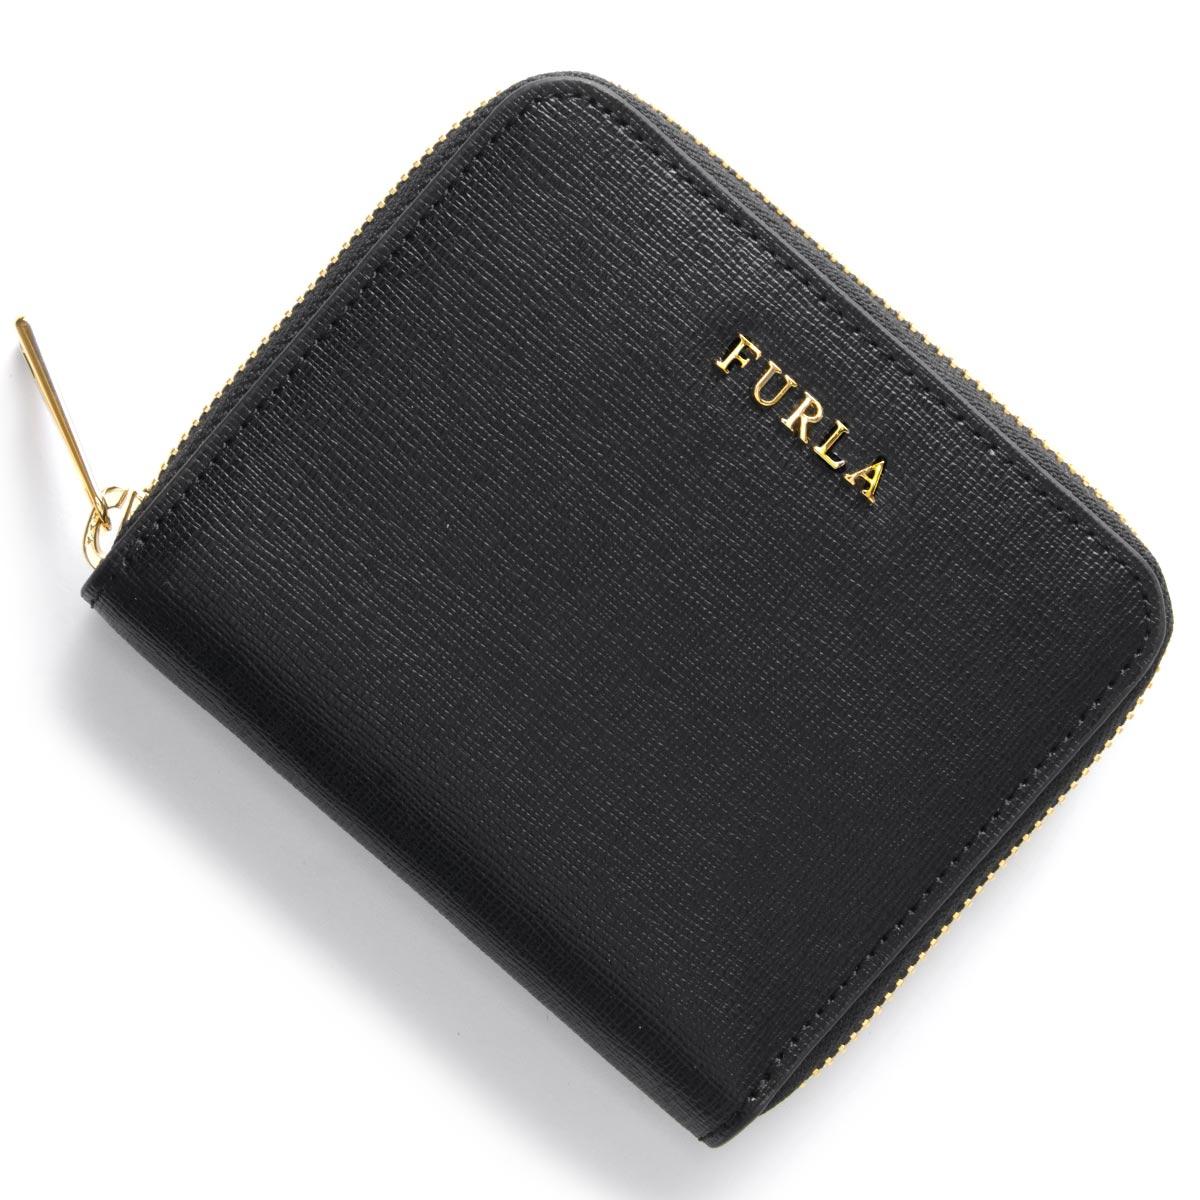 フルラ 二つ折り財布 財布 レディース バビロン BABYLON ブラック PR84 B30 O60 907856 FURLA